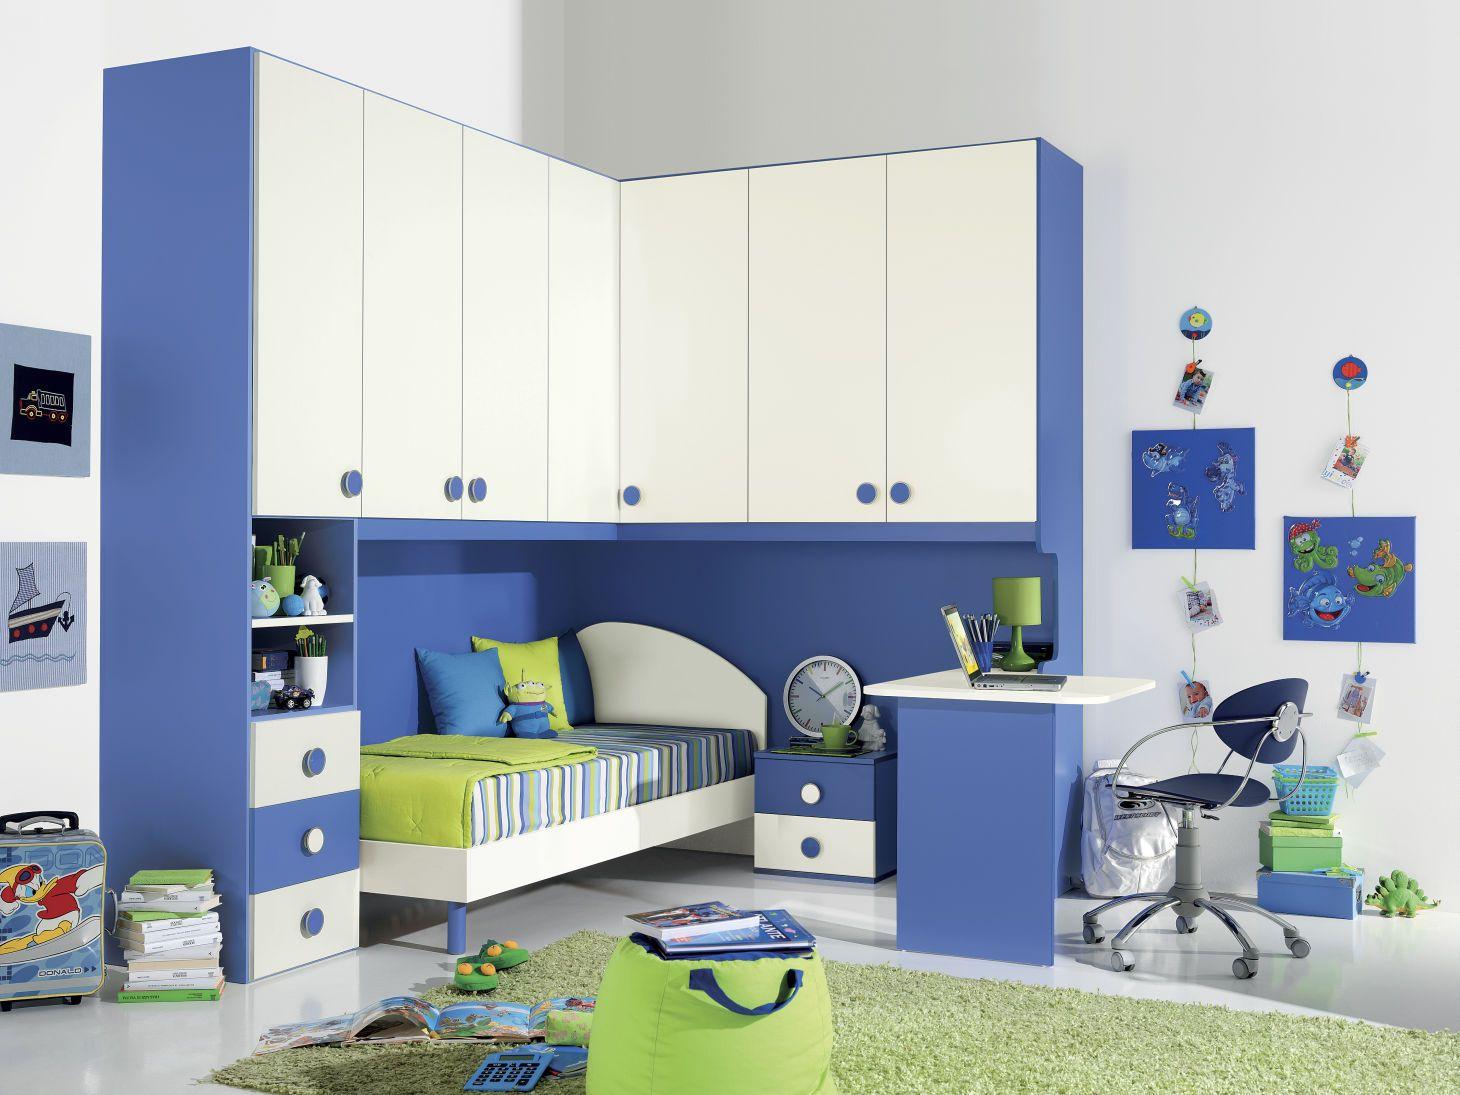 Le camerette Girotondo Camerette, Design della camera da